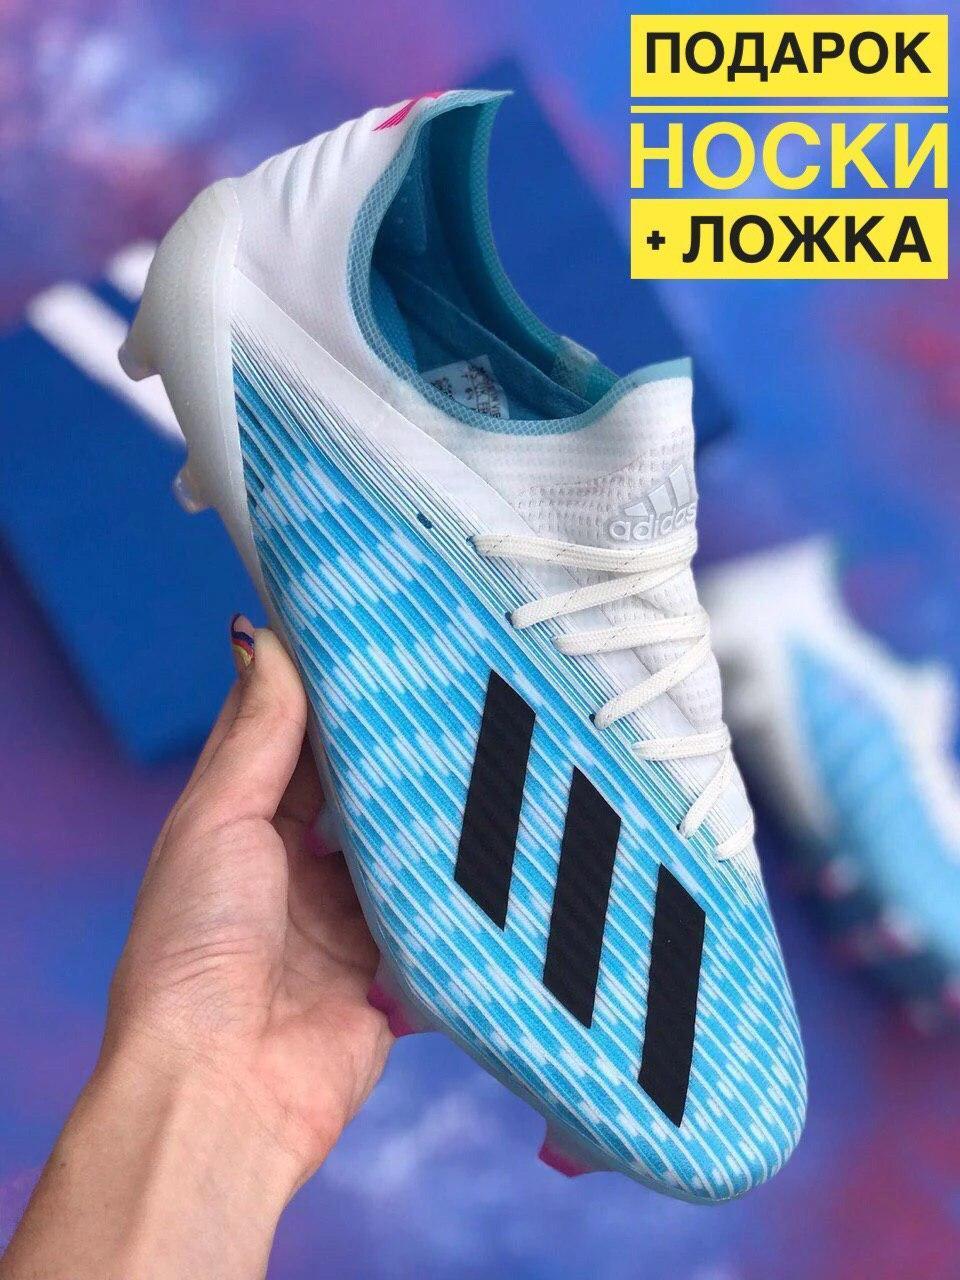 Бутси Adidas X 19.3 (футбольне взуття) адідас ікс